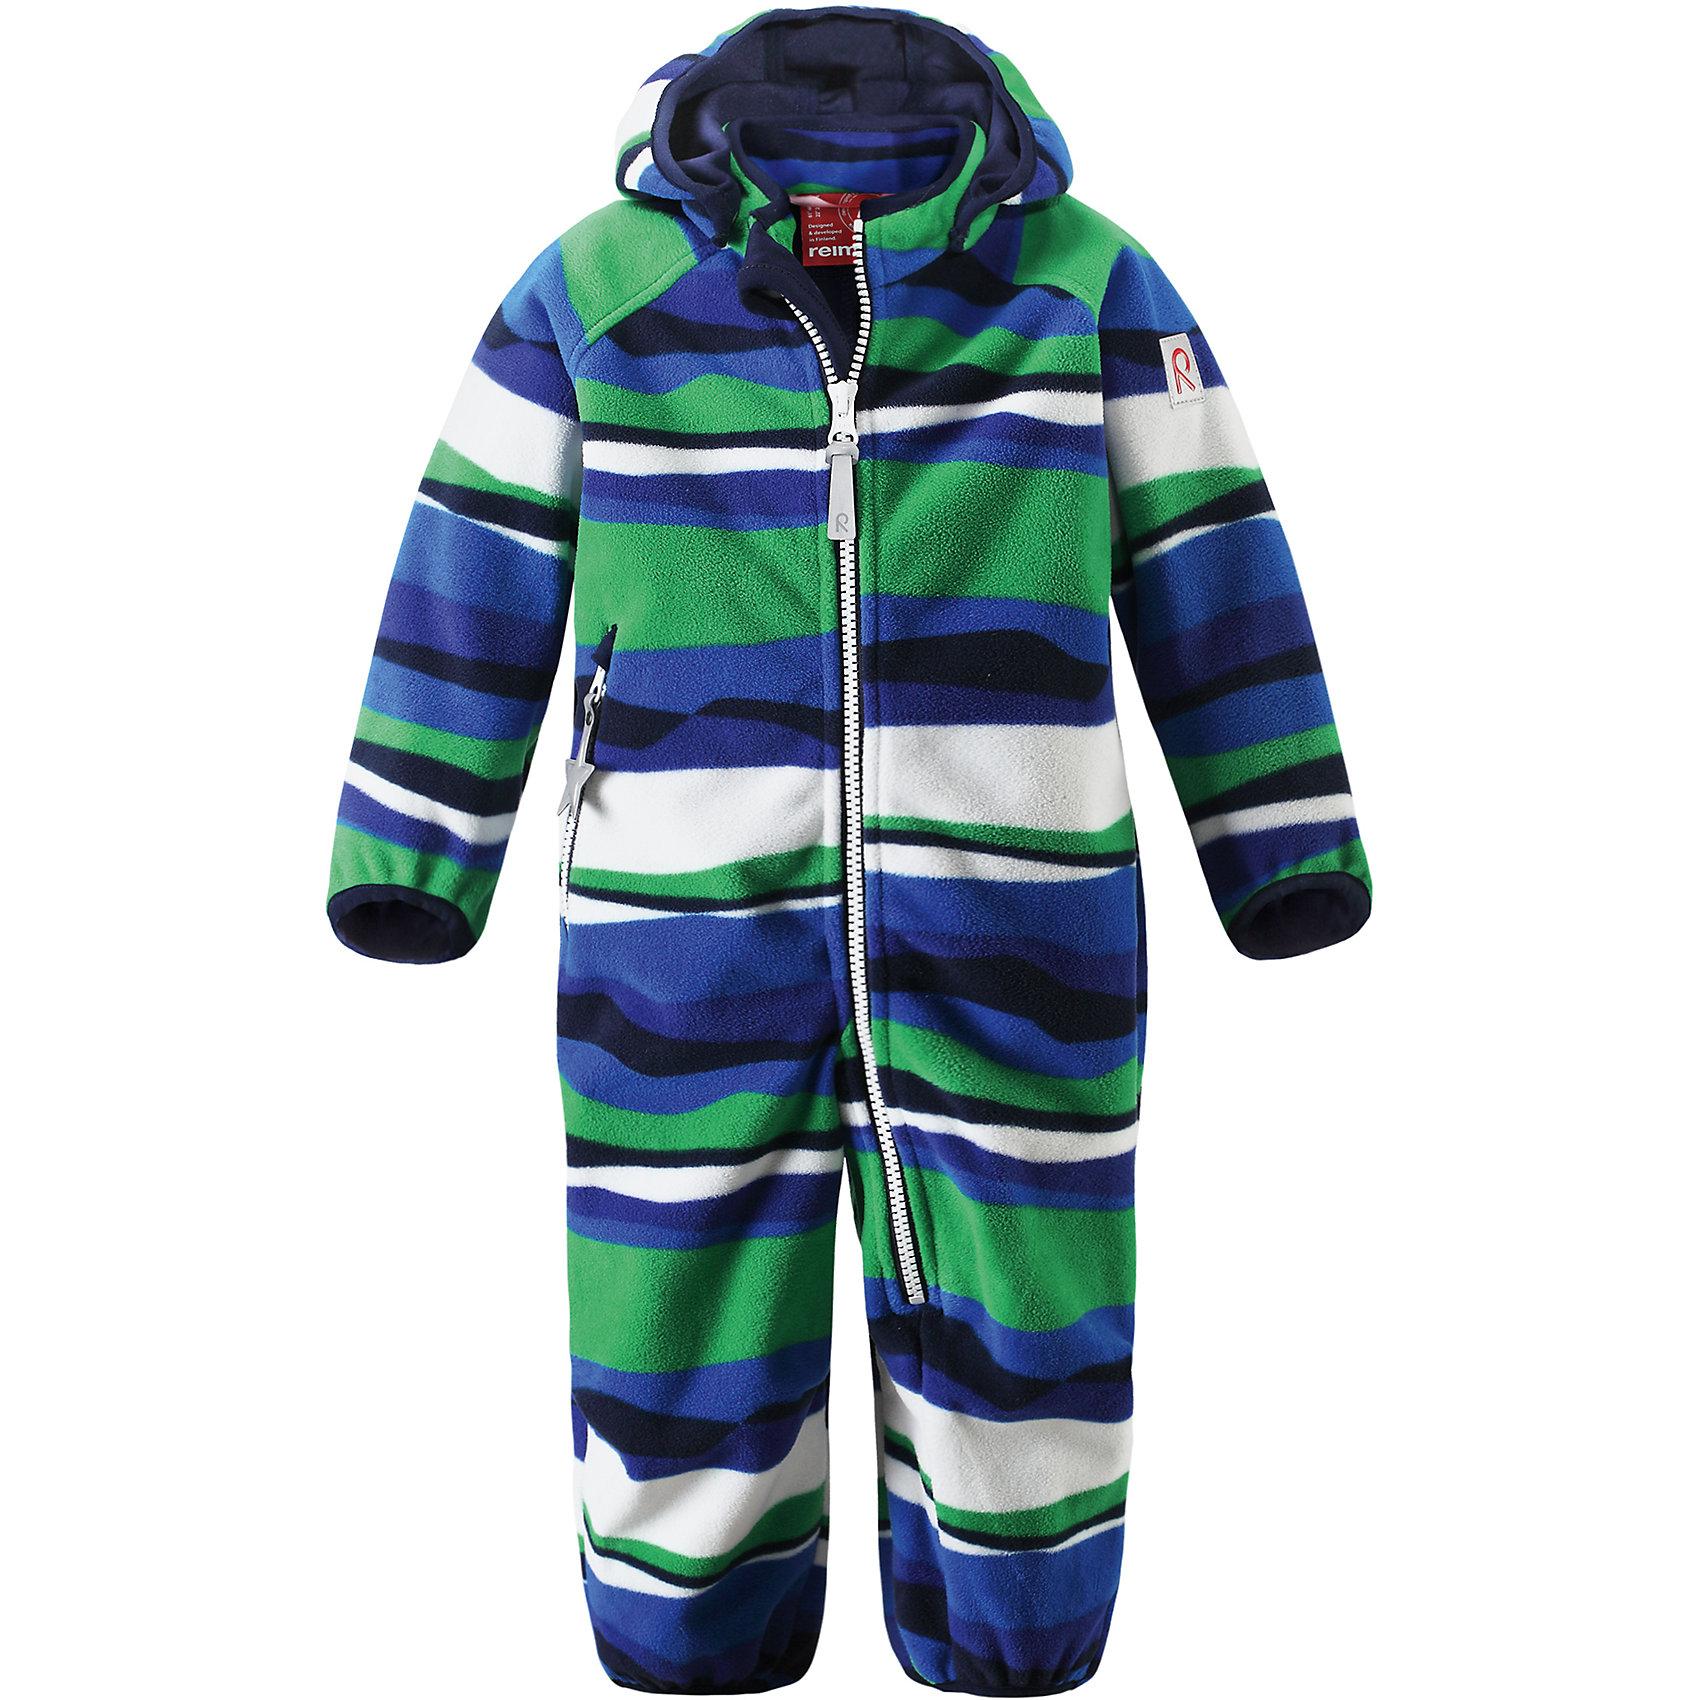 Комбинезон Vinssi для мальчика ReimaВерхняя одежда<br>Характеристики товара:<br><br>• цвет: синий<br>• состав: 100% полиэстер, полиуретановое покрытие<br>• водонепроницаемость:10000 мм<br>• воздухопроницаемость: 5000 мм<br>• температурный режим: от +5° до +15°С<br>• без утеплителя<br>• материала windfleece<br>• водо- и ветронепроницаемый «дышащий» материал<br>• многослойный материал, с изнаночной стороны - джерси<br>• гладкая трикотажная подкладка из полиэстера<br>• безопасный съёмный капюшон<br>• эластичные манжеты на рукавах и брючинах<br>• эластичная сборка по краю капюшона<br>• две длинные молнии для удобного надевания<br>• карман на молнии<br>• светоотражающие детали<br>• комфортная посадка<br>• страна производства: Китай<br>• страна бренда: Финляндия<br>• коллекция: весна-лето 2017<br><br>Верхняя одежда для детей может быть модной и комфортной одновременно! Демисезонный комбинезон поможет обеспечить ребенку комфорт и тепло. Он отлично смотрится с различной обувью. Изделие удобно сидит и модно выглядит. Материал - прочный, хорошо подходящий для межсезонья, водо- и ветронепроницаемый, «дышащий». Стильный дизайн разрабатывался специально для детей.<br><br>Одежда и обувь от финского бренда Reima пользуется популярностью во многих странах. Эти изделия стильные, качественные и удобные. Для производства продукции используются только безопасные, проверенные материалы и фурнитура. Порадуйте ребенка модными и красивыми вещами от Reima! <br><br>Комбинезон для мальчика от финского бренда Reima (Рейма) можно купить в нашем интернет-магазине.<br><br>Ширина мм: 356<br>Глубина мм: 10<br>Высота мм: 245<br>Вес г: 519<br>Цвет: синий<br>Возраст от месяцев: 24<br>Возраст до месяцев: 36<br>Пол: Мужской<br>Возраст: Детский<br>Размер: 98,80,74,86,92<br>SKU: 5265706